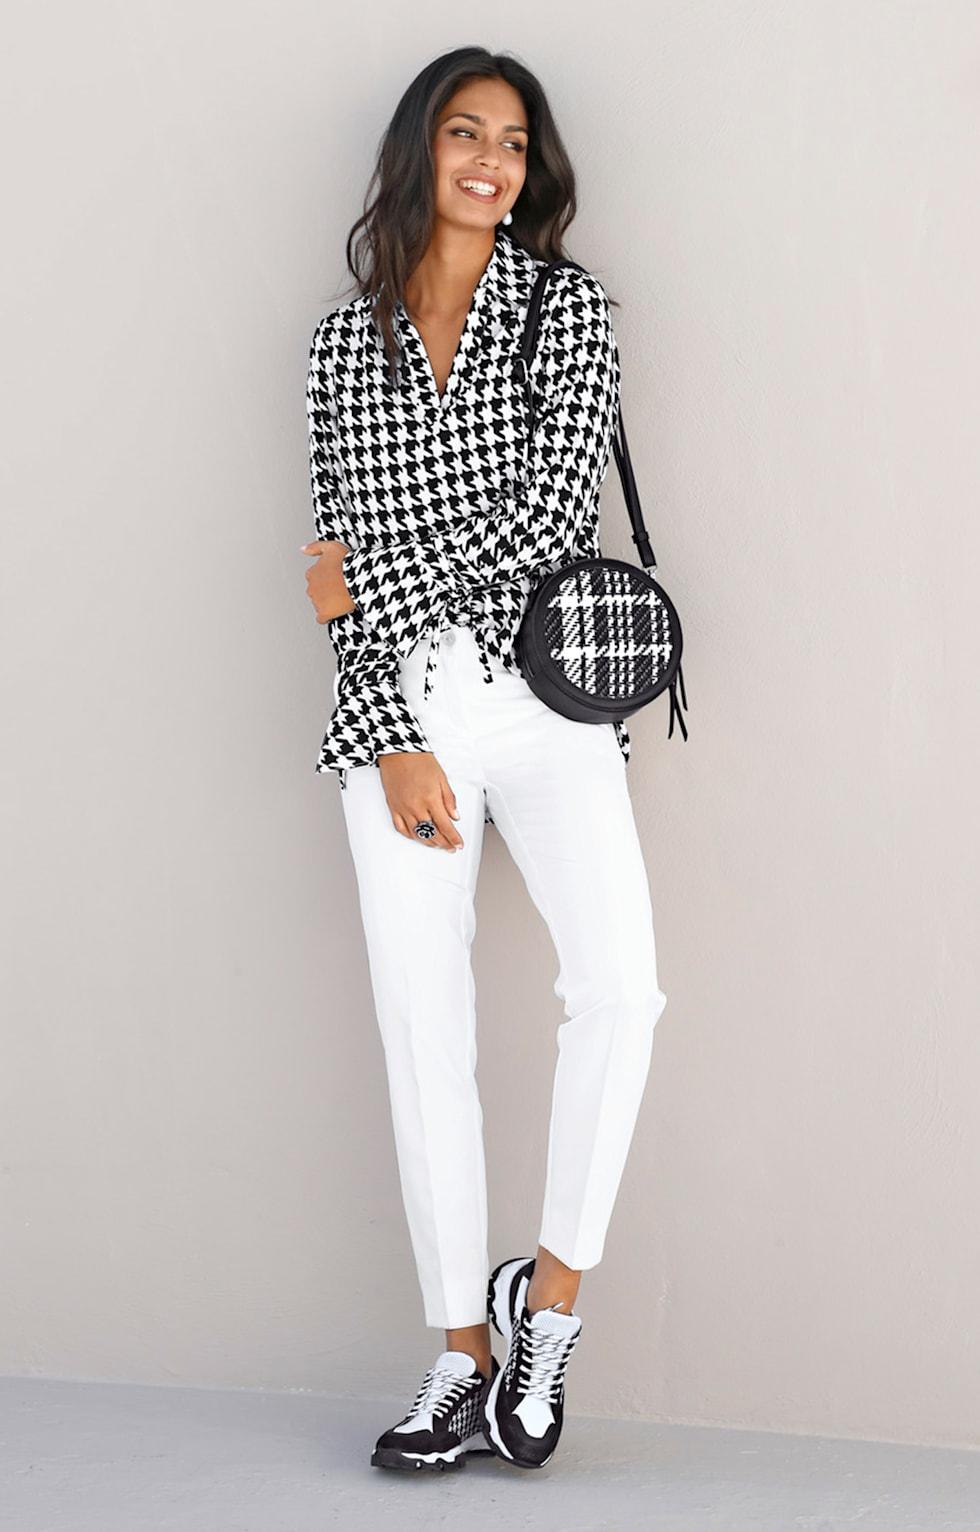 Home_HW20_KW27_28_Trendoutfit_Starke Kontraste_Outfit